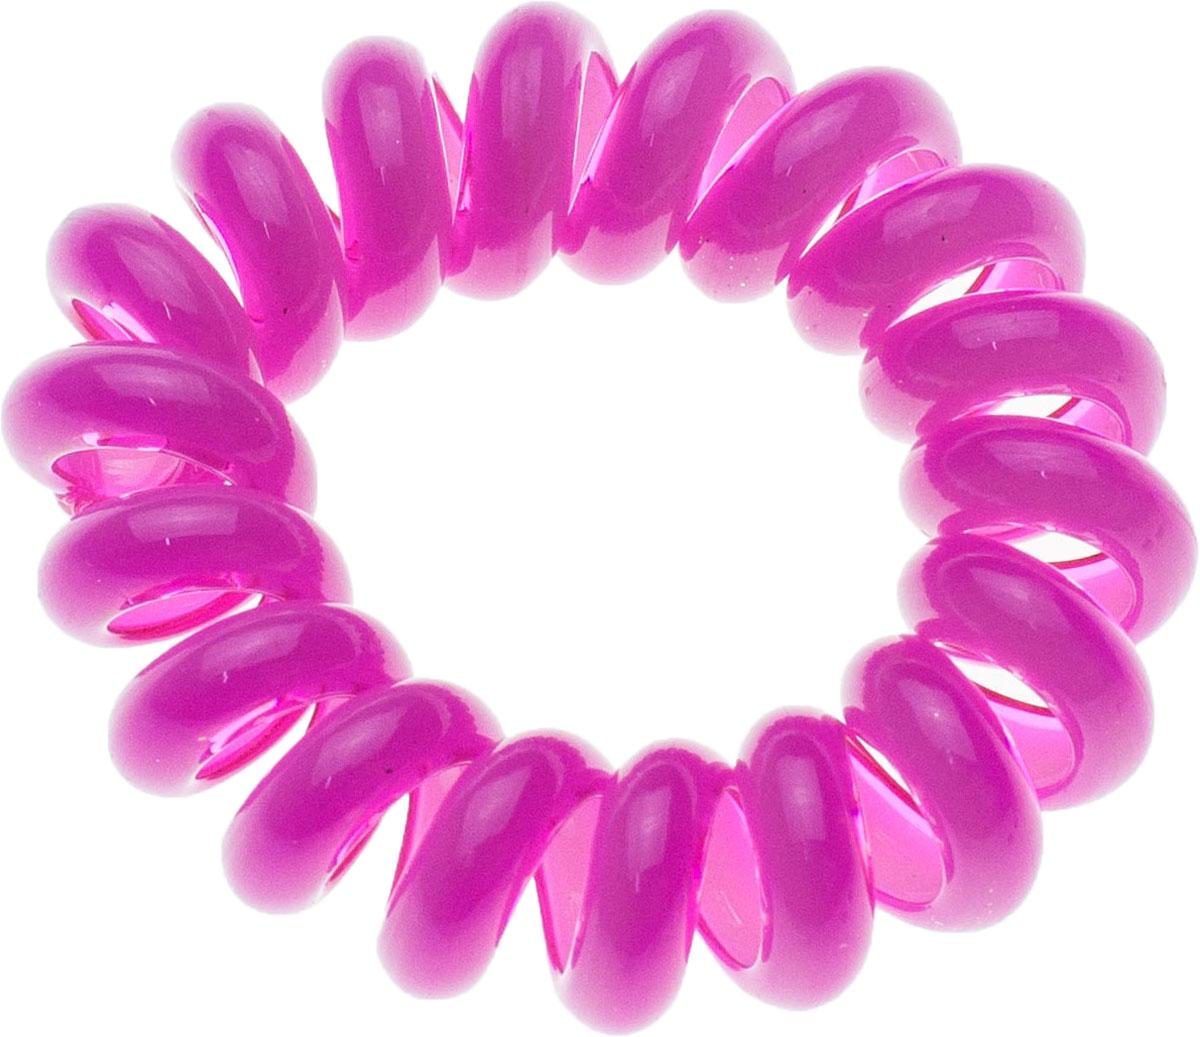 Резинка для волос Мастерская Крутовых, цвет: розовый. РПВ-085